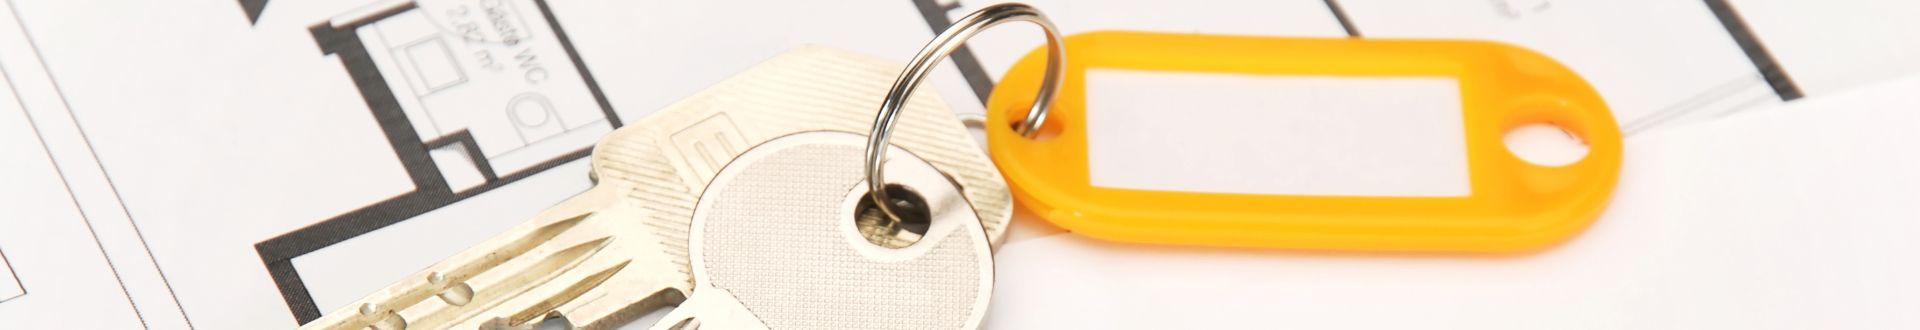 Direktzahlung der Miete durchs Jobcenter - Hartz IV: Problem Direktzahlung der Miete durchs Jobcenter